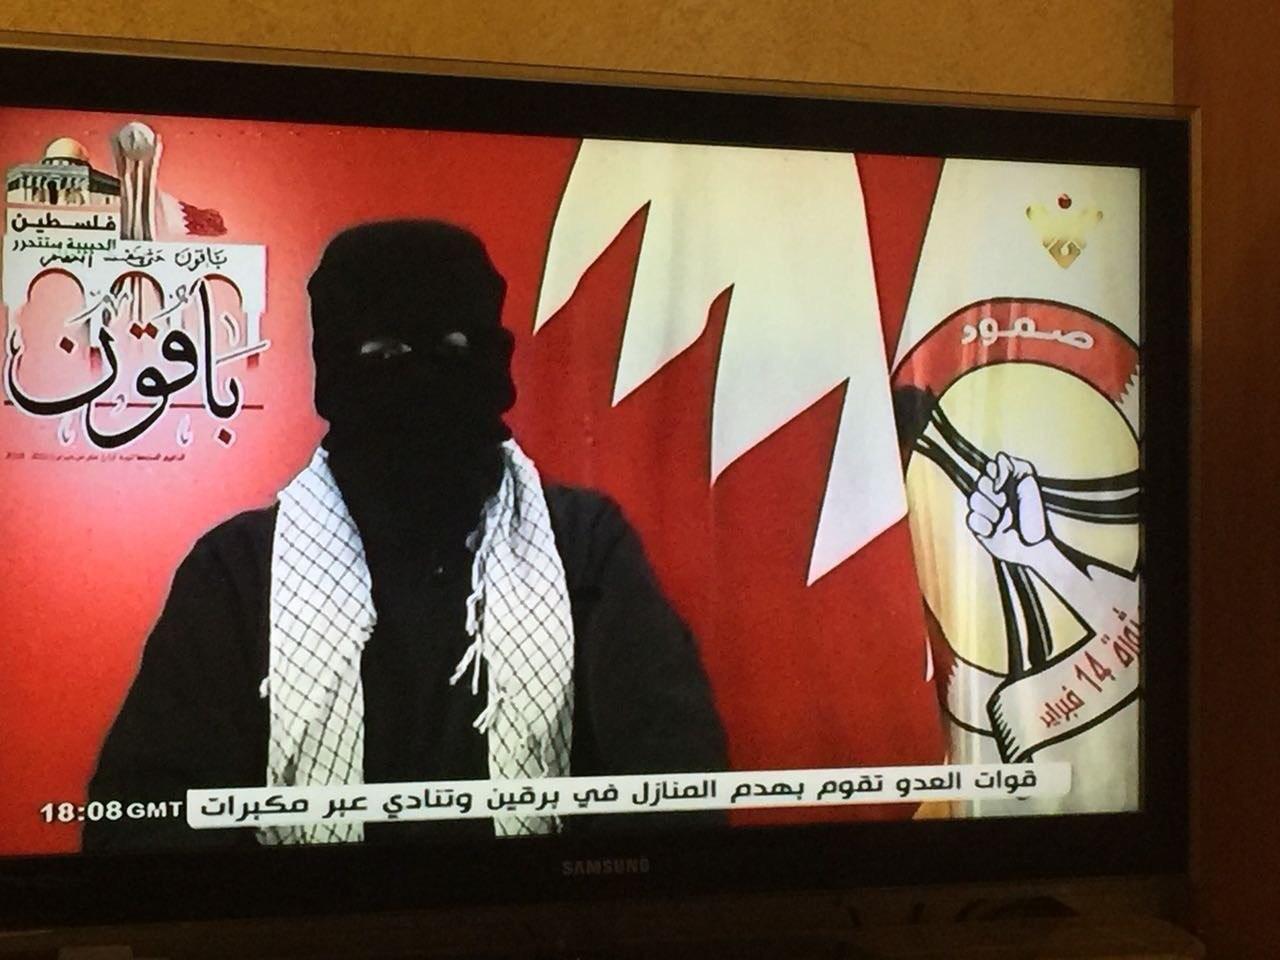 قنوات محور المقاومة تغطي «خطاب فبراير» وتبثّه على شاشاتها